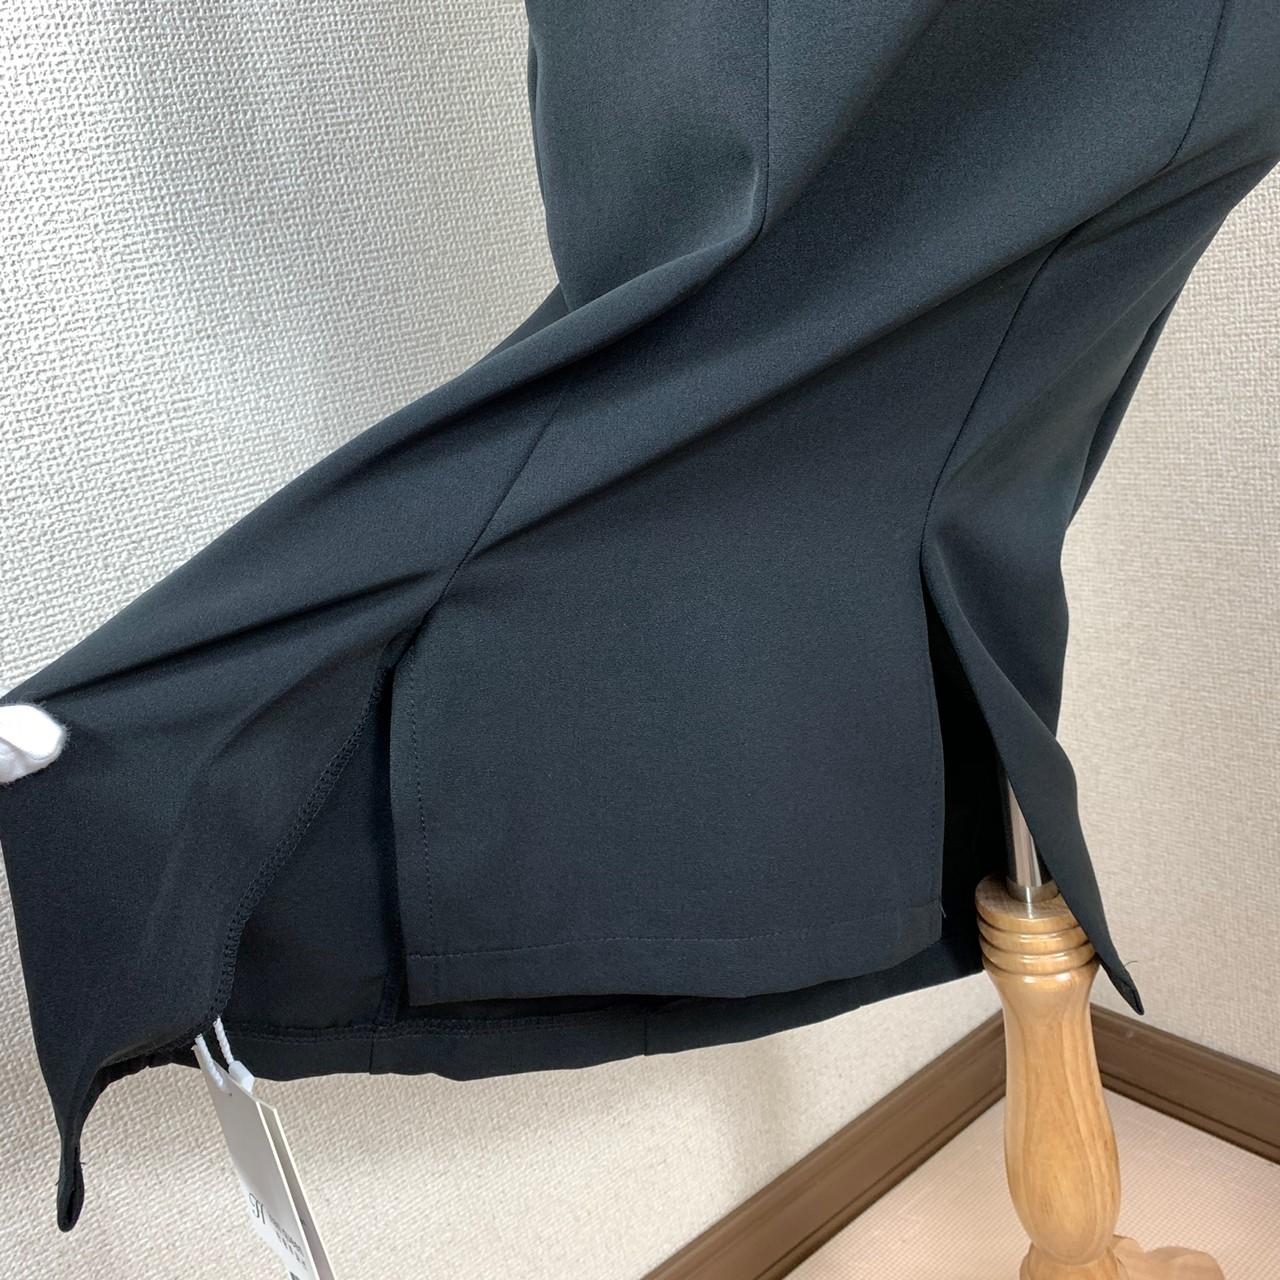 【即納】韓国 ファッション ワンピース パーティードレス ひざ丈 ミディアム 夏 春 パーティー ブライダル SPTXF591 結婚式 お呼ばれ シースルー スカラップ イレ 二次会 セレブ きれいめの写真11枚目